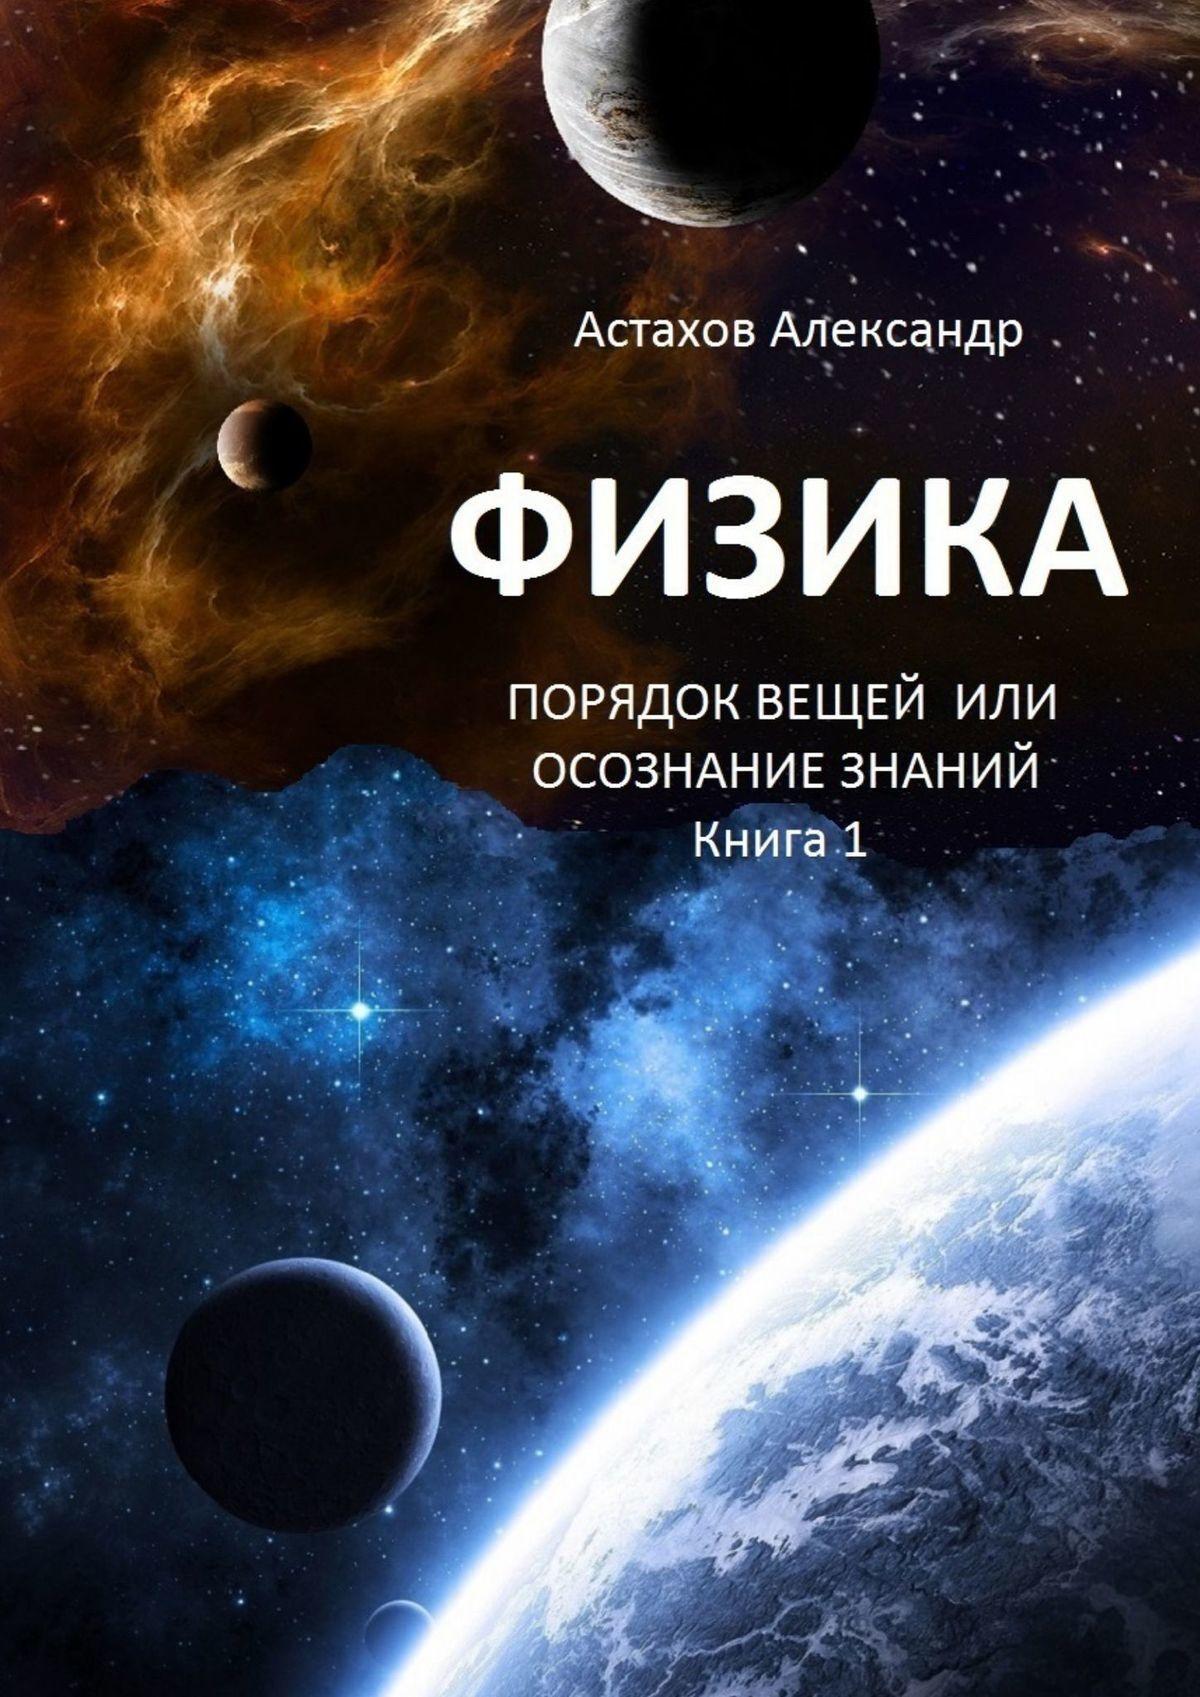 Физика. Порядок вещей, или Осознание знаний. Книга 1